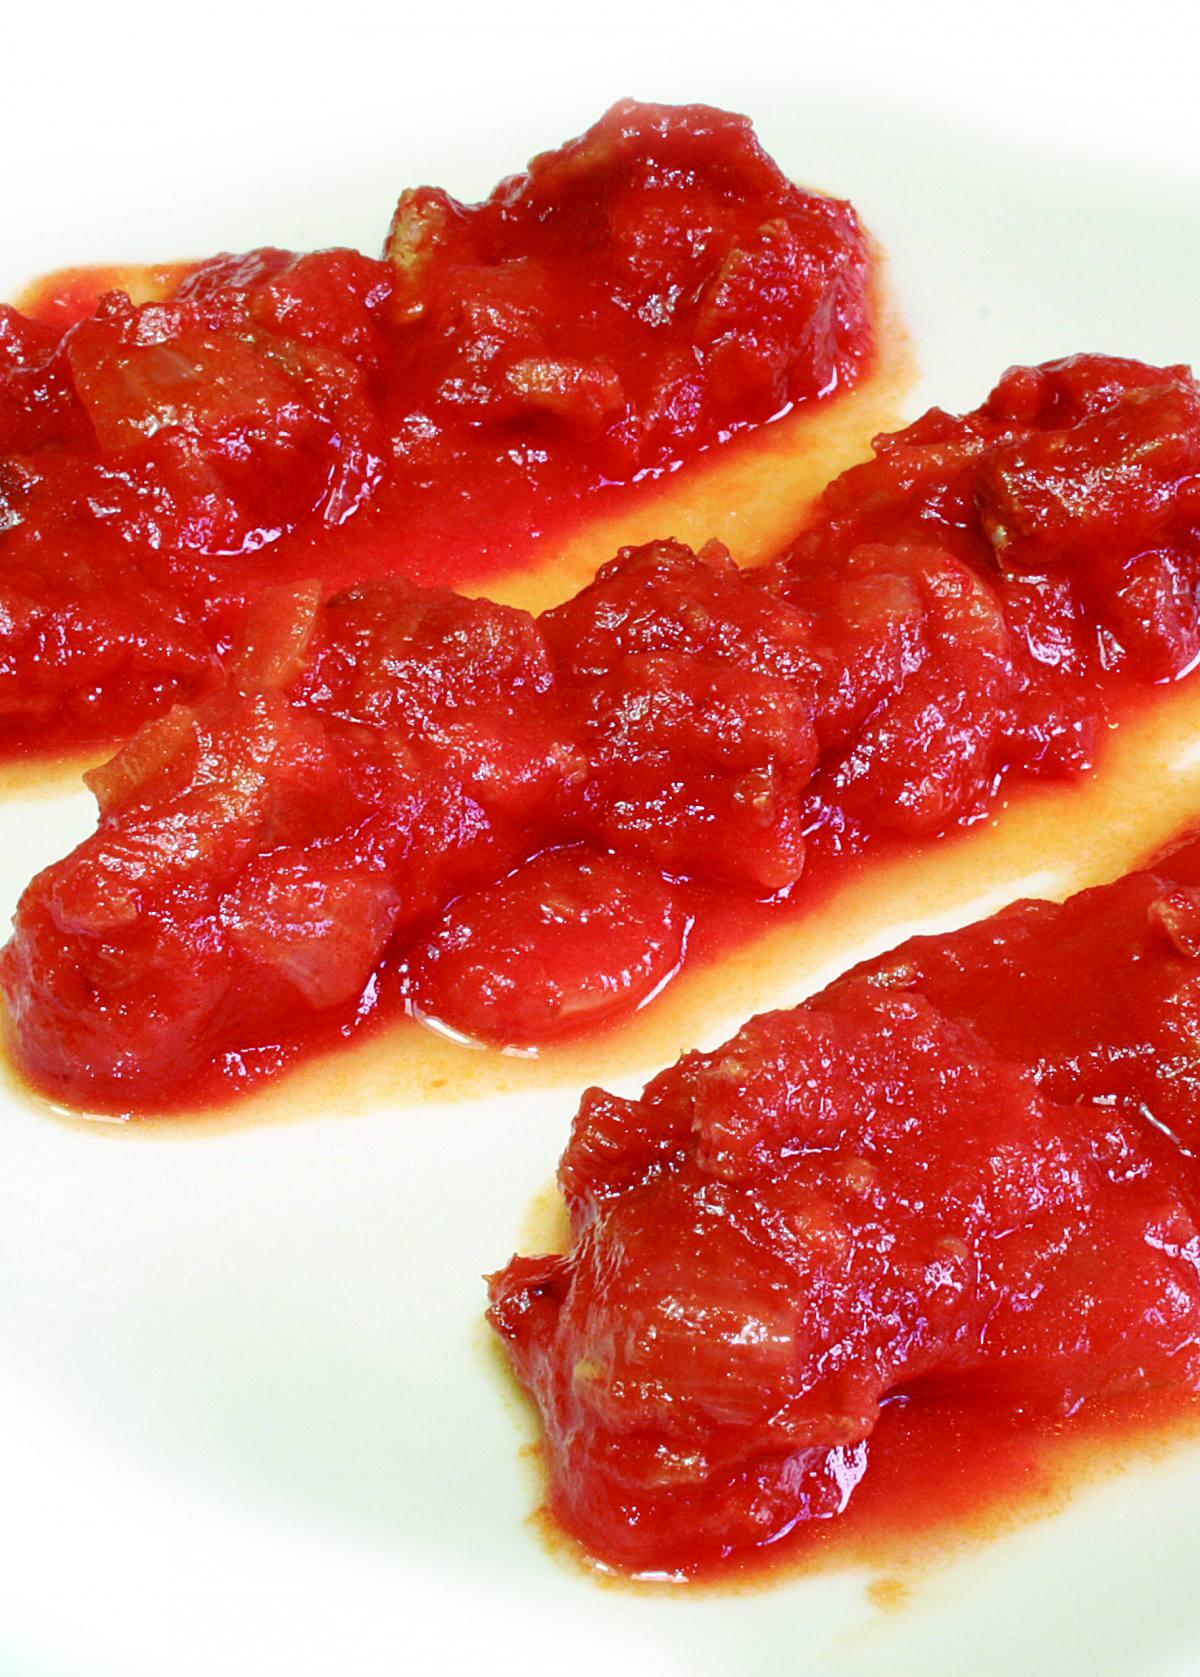 Recortes de Mojama en Tomate n1 en Barbate